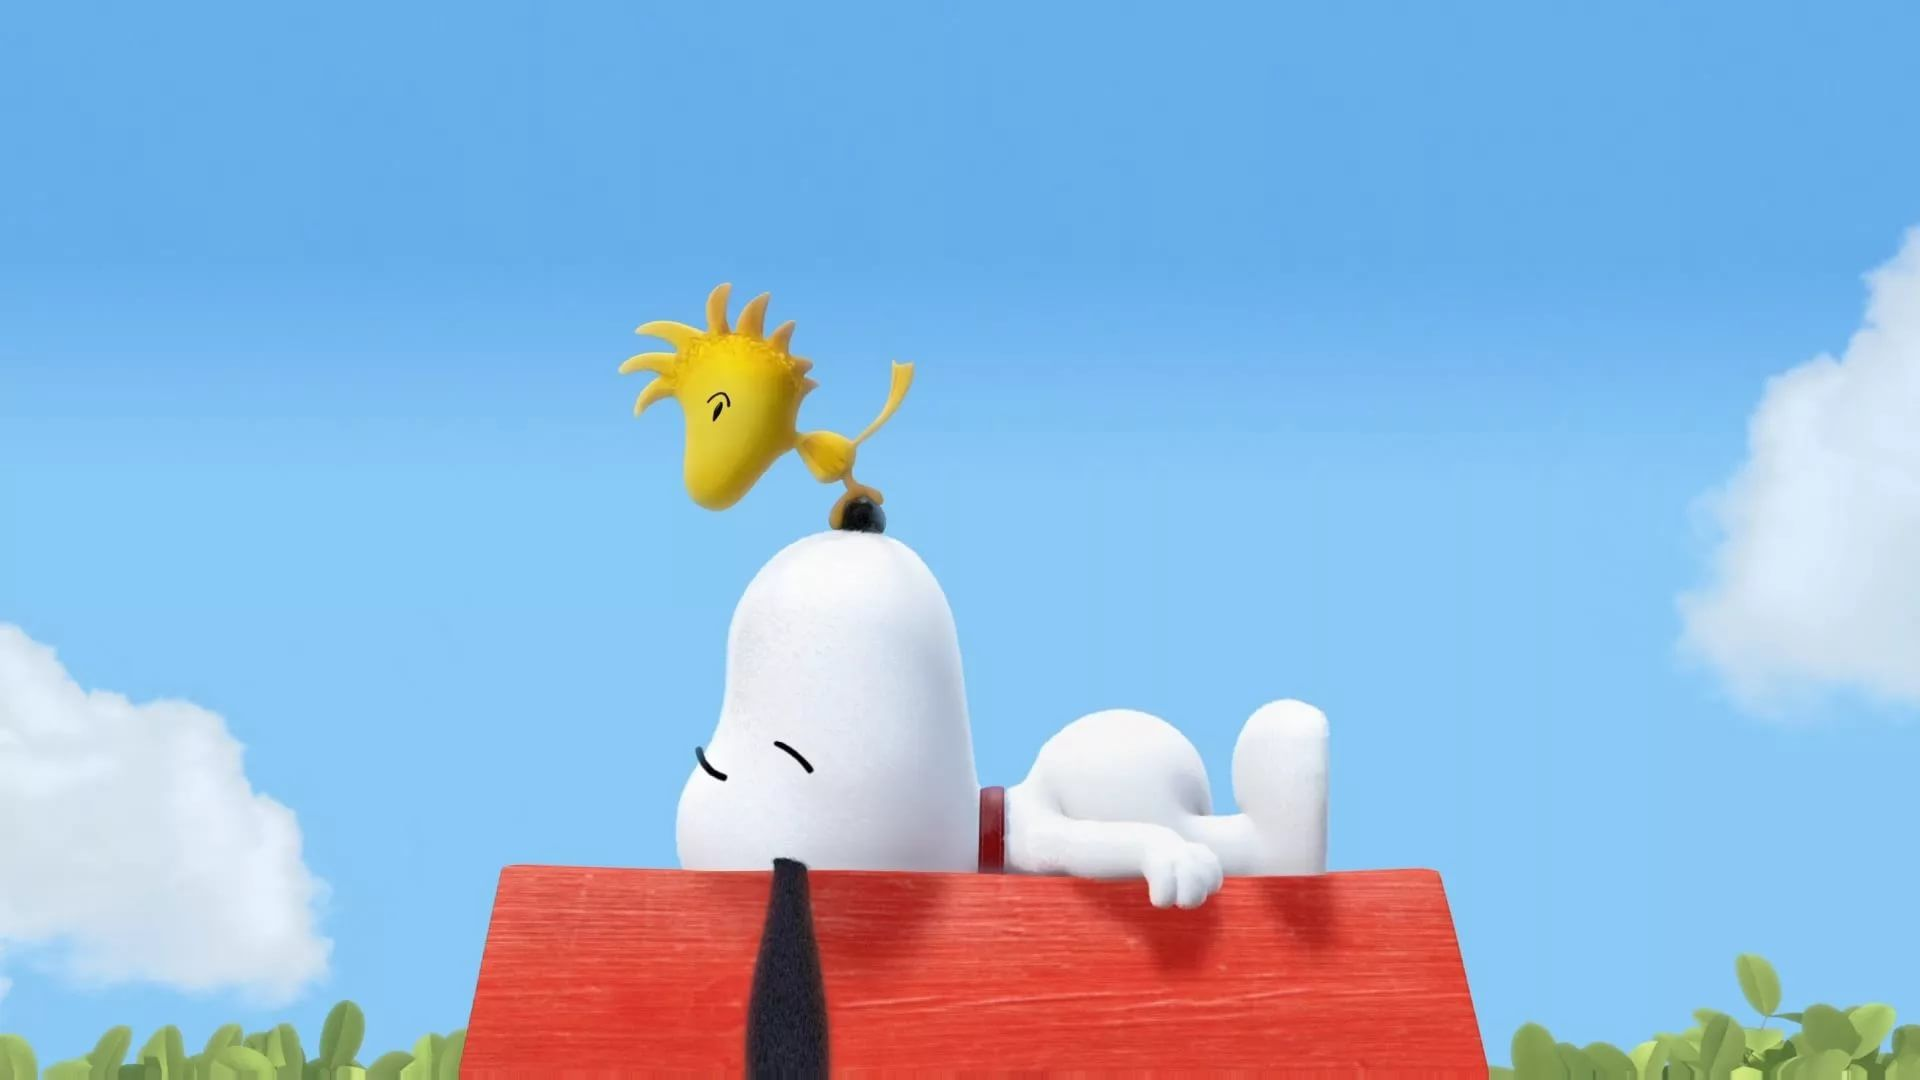 Peanuts desktop wallpaper